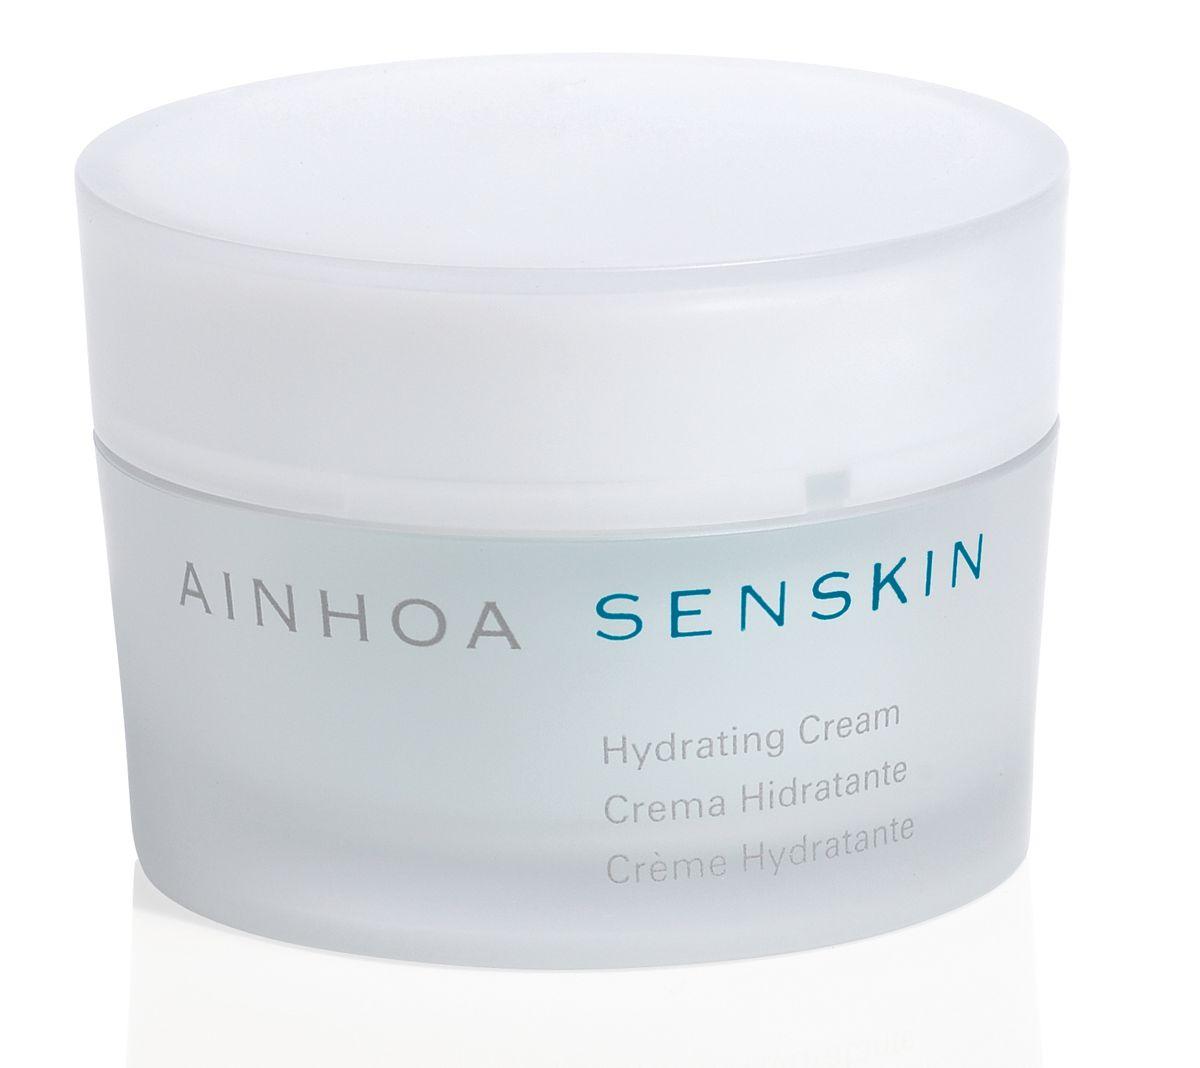 Ainhoa Senskin Крем для лица увлажняющий дневной, с азуленом, 50 млR1832Дневной крем для нежной чувствительной кожи мгновенно увлажняет, устраняет покраснения и шелушения, придает коже нежность и ощущение комфорта. В составе крема – коктейль из растительных экстрактов ромашки, липы, гамамелиса, которые успокаивают кожу и защищают от негативных факторов окружающей среды. Активные компоненты: экстракты овса, зверобоя, конского каштана, мальвы, липы, мяты, тысячелистника и гамамелиса, бисаболол, азулен, салициловая кислота. Способ применения: нанести утром на очищенную кожу.